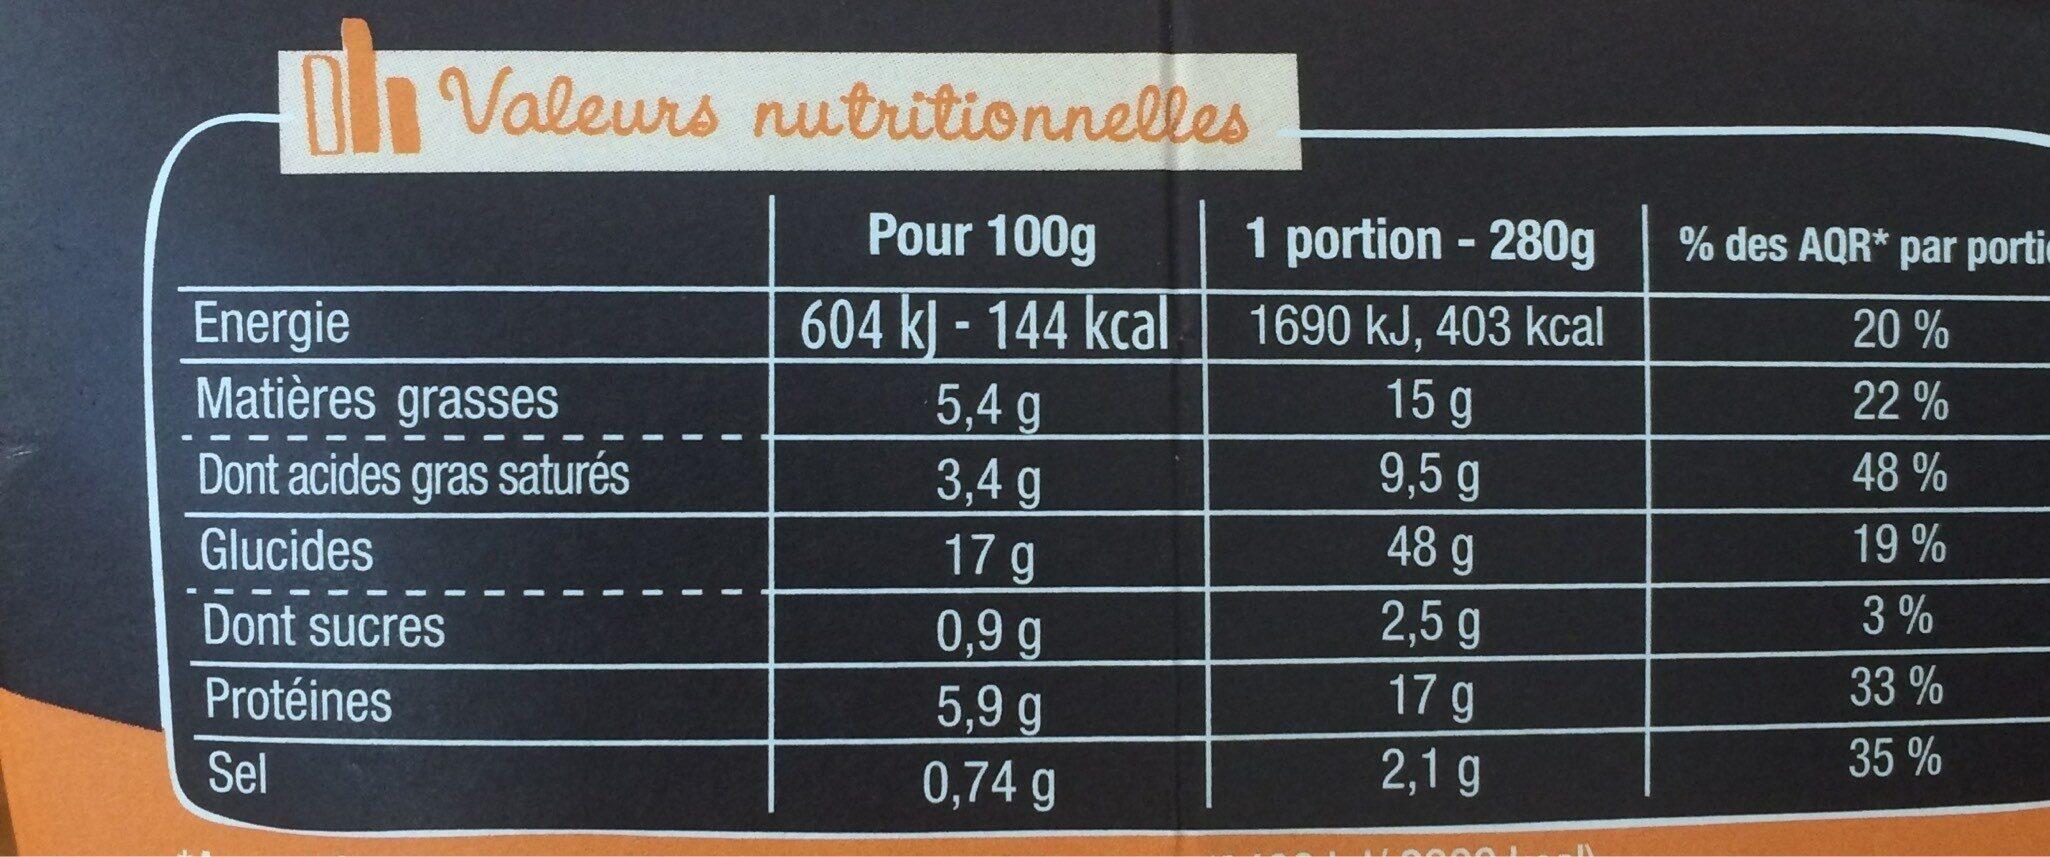 PastaBox - Fusilli au Saumon et Pointe de citron - Informations nutritionnelles - fr